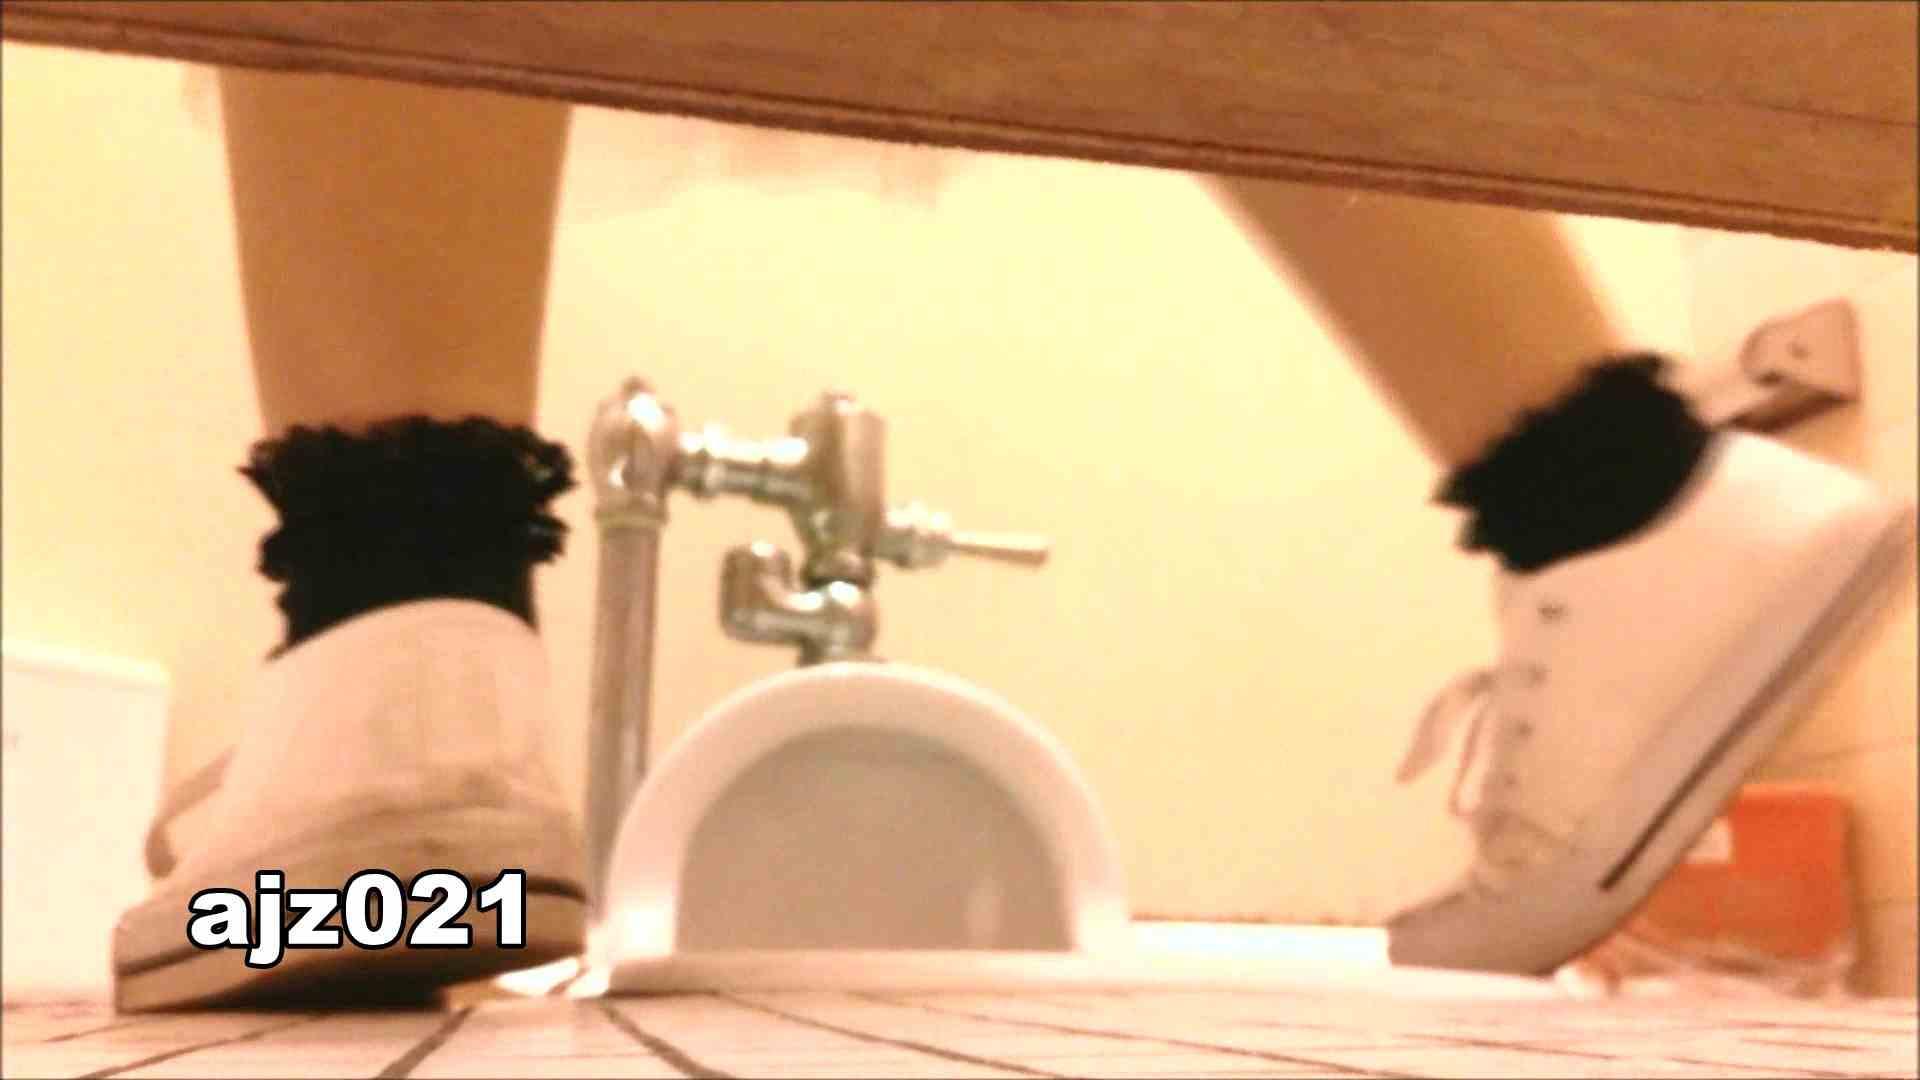 某有名大学女性洗面所 vol.21 投稿 オマンコ無修正動画無料 80PIX 11